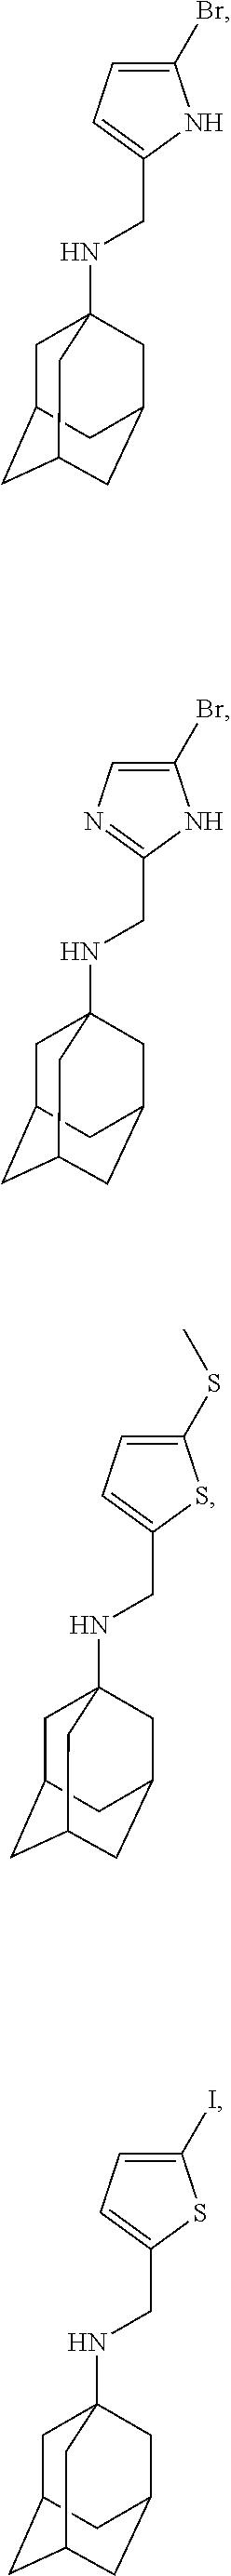 Figure US09884832-20180206-C00147